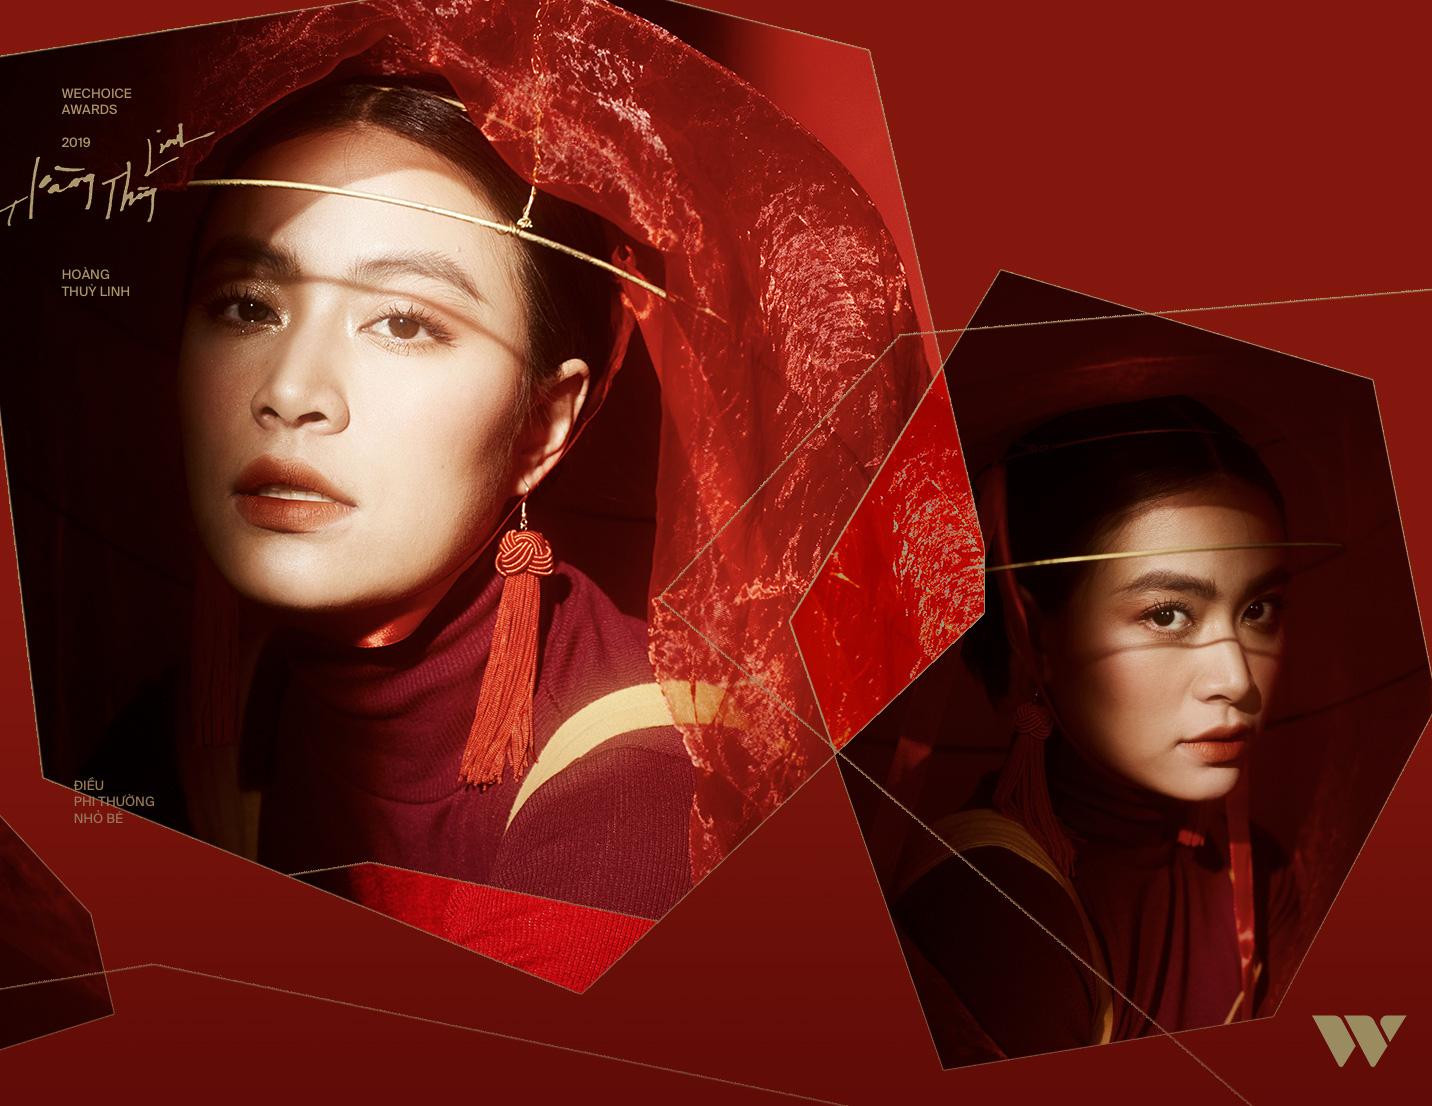 Hoàng Thùy Linh: Ở tuổi 30 chỉ muốn sống lại đúng tuổi 20, vì những năm tháng ấy tôi chưa từng được sống  - Ảnh 11.